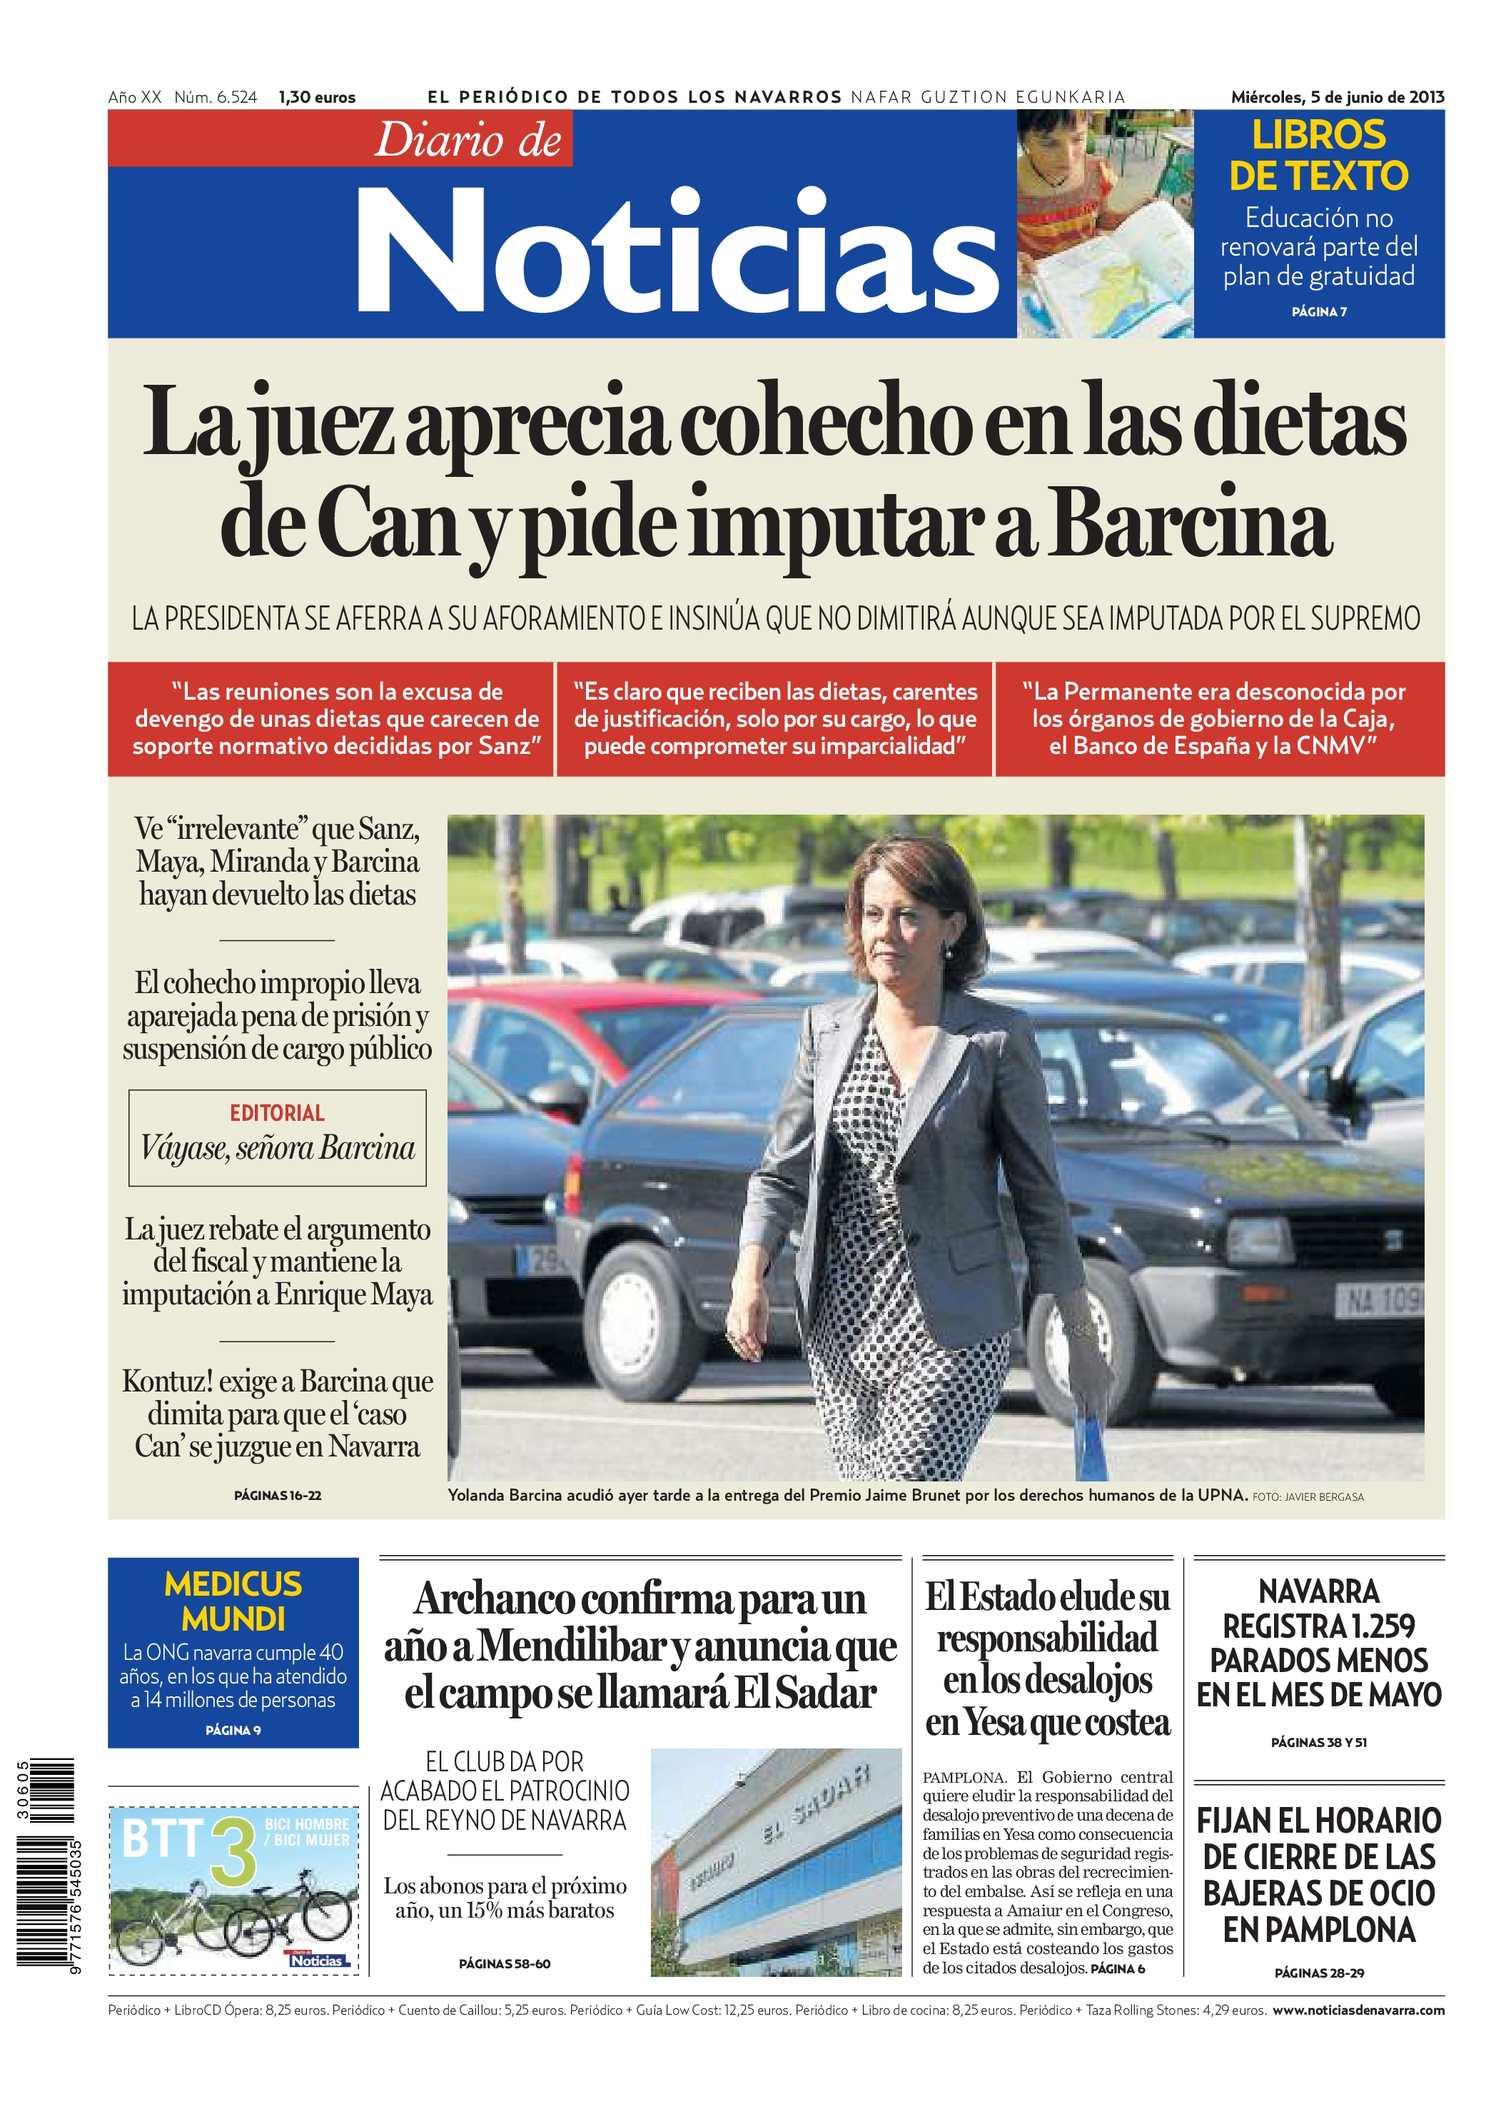 Diario De Calaméo Diario Noticias Calaméo De 20130605 LVqjpGSUMz